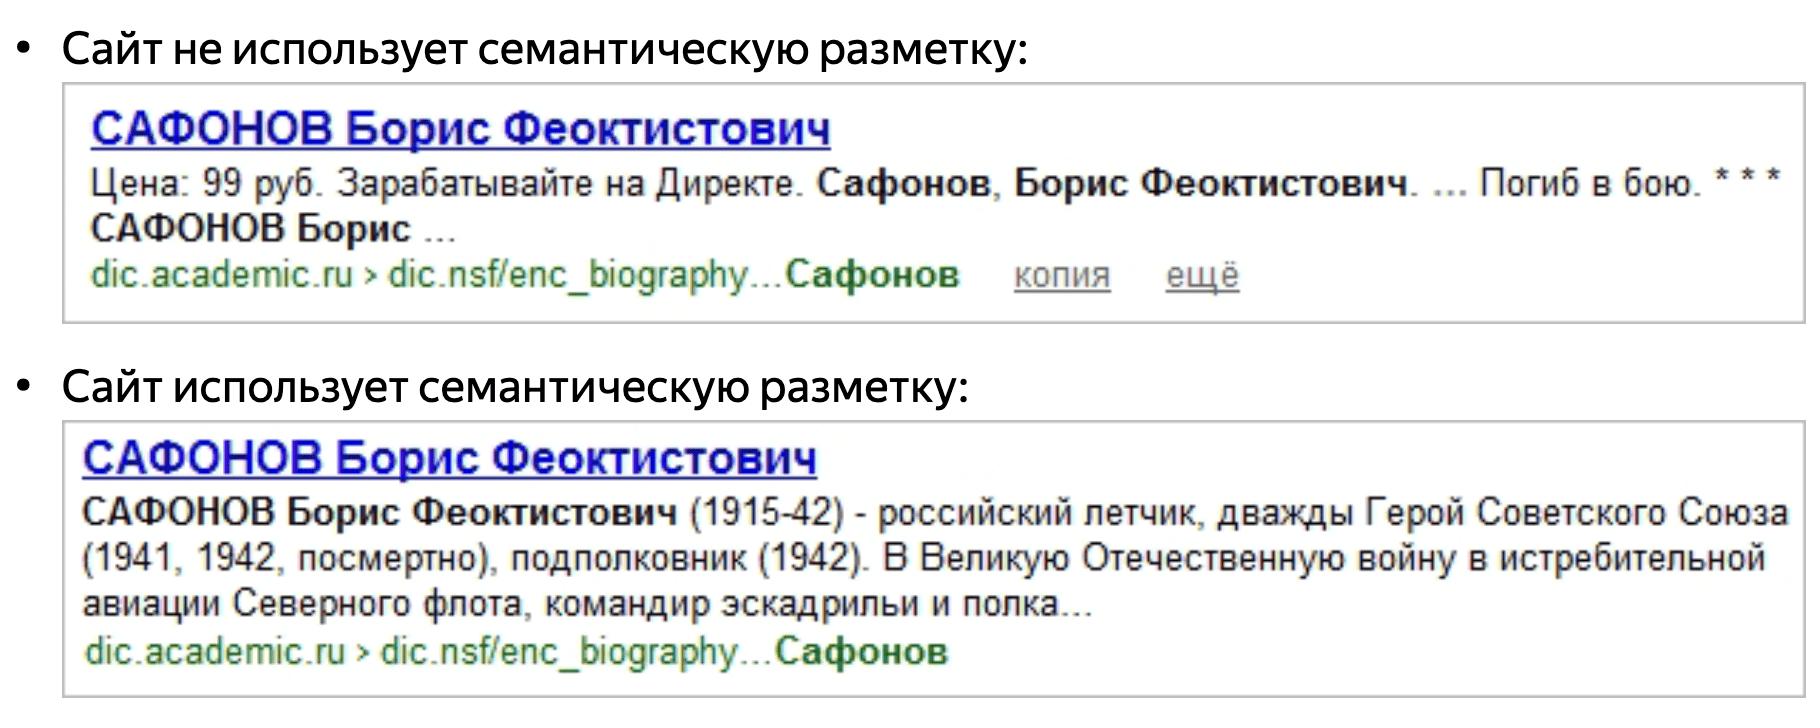 Пример сниппетов в поисковой выдаче сайтов с семантической микроразметкой и без